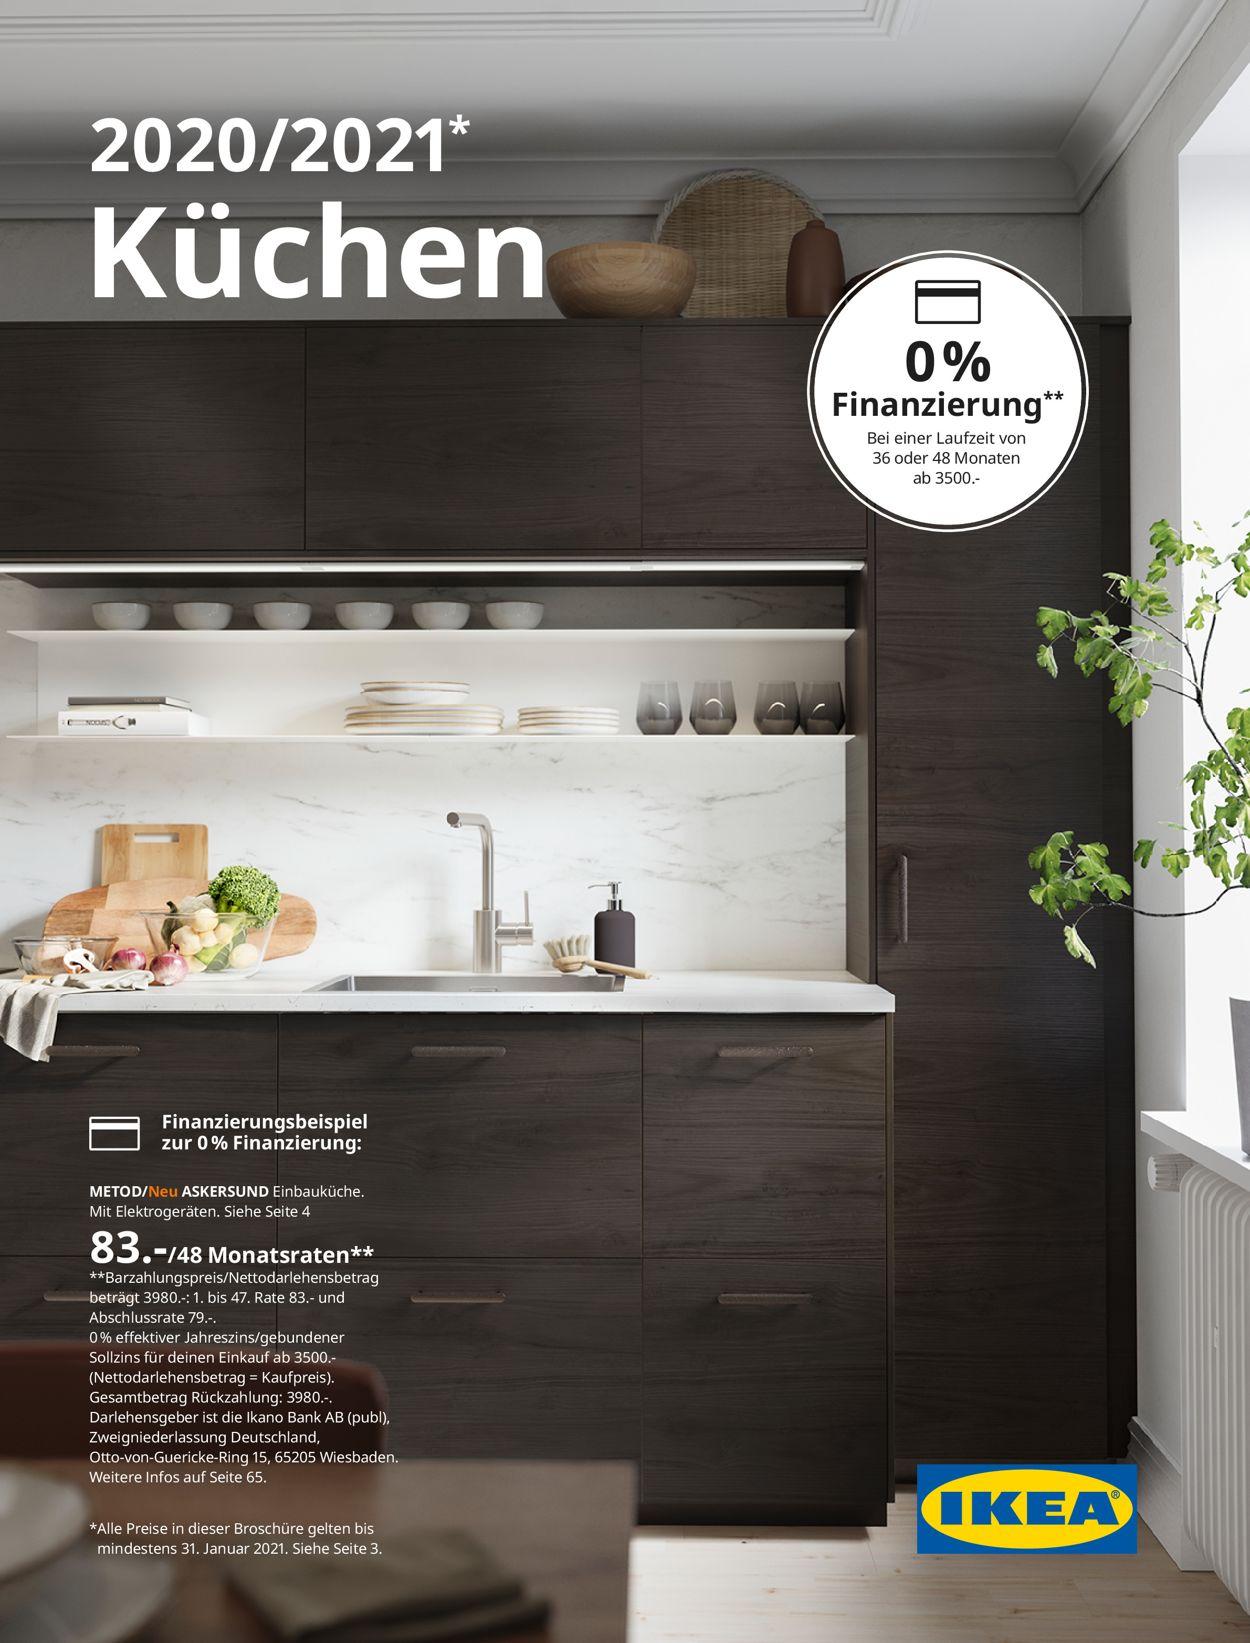 IKEA Aktueller Prospekt 16.16 - 16.16.16 - jedewoche-rabatte.de